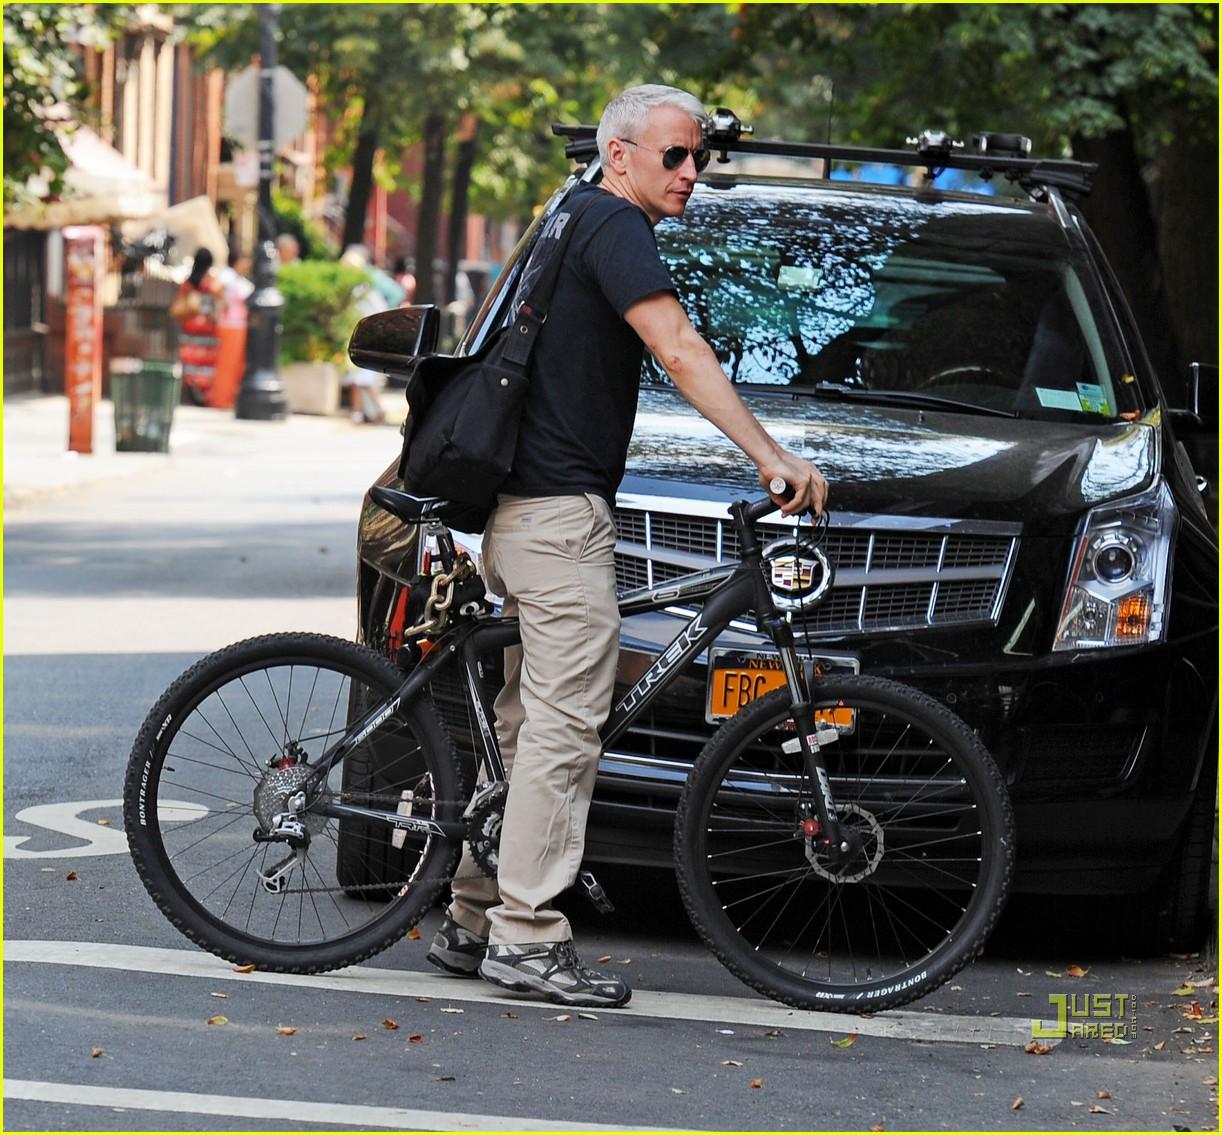 http://1.bp.blogspot.com/_3GTO3cgtl7c/TGDOs-qD84I/AAAAAAAABW0/XuX_HFZAviA/s1600/anderson-cooper-bike2.jpg